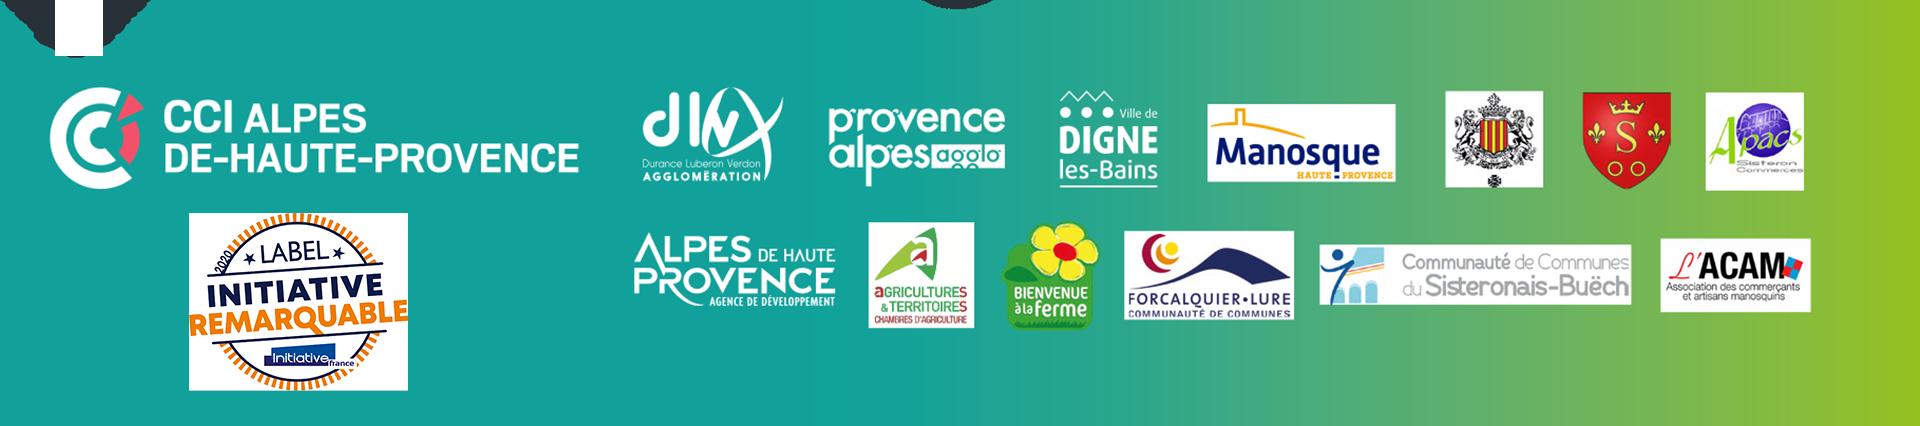 Les partenaires et les soutiens d'omondrive.fr sont la CCI04 des Alpes de Haute-Provence, la ville de Manosque, Digne-les-Bains, Forcalquier, les associations de commerçants, la CCI05, la Chambre d'agriculture 04, Bienvenue à la Ferme, la ville de GAP 05